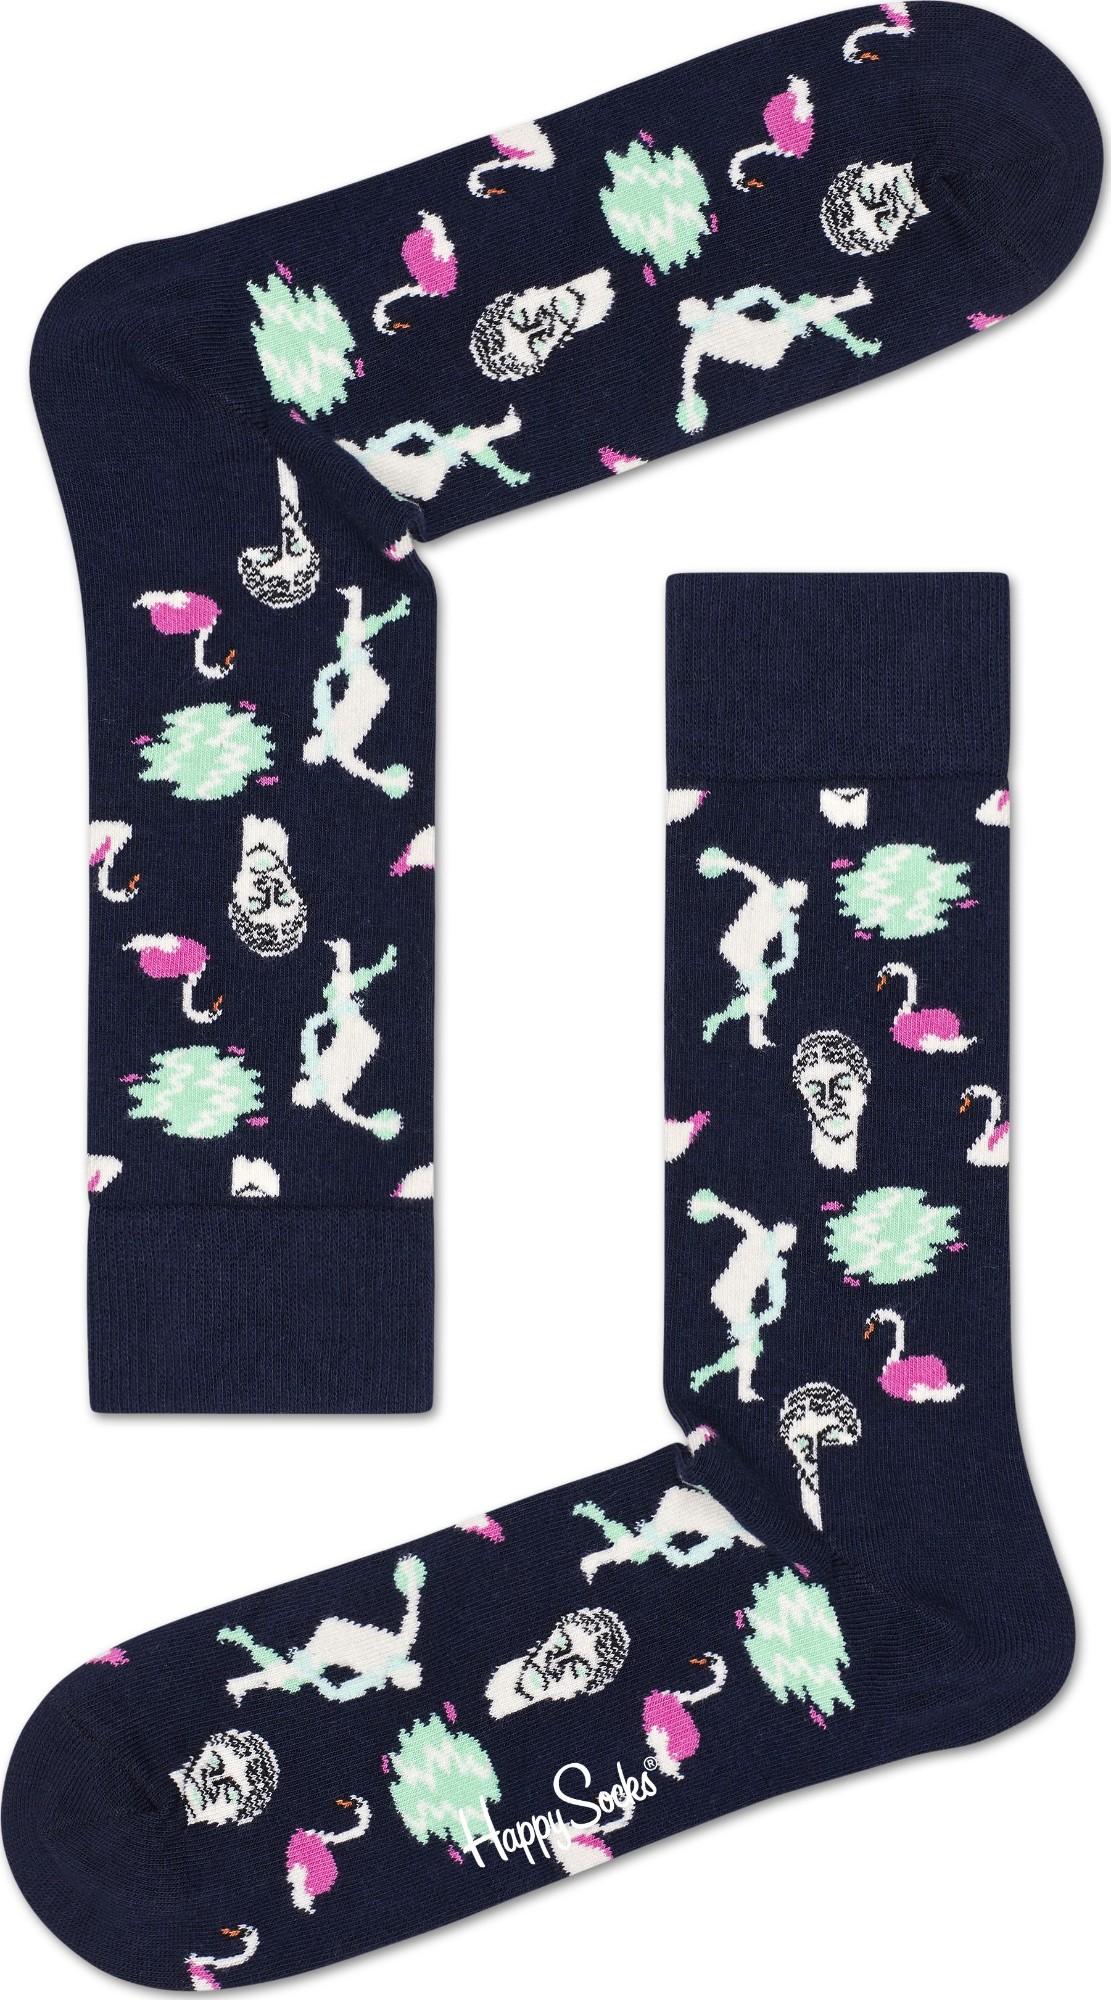 Happy Socks Park Multi 6300 36-40